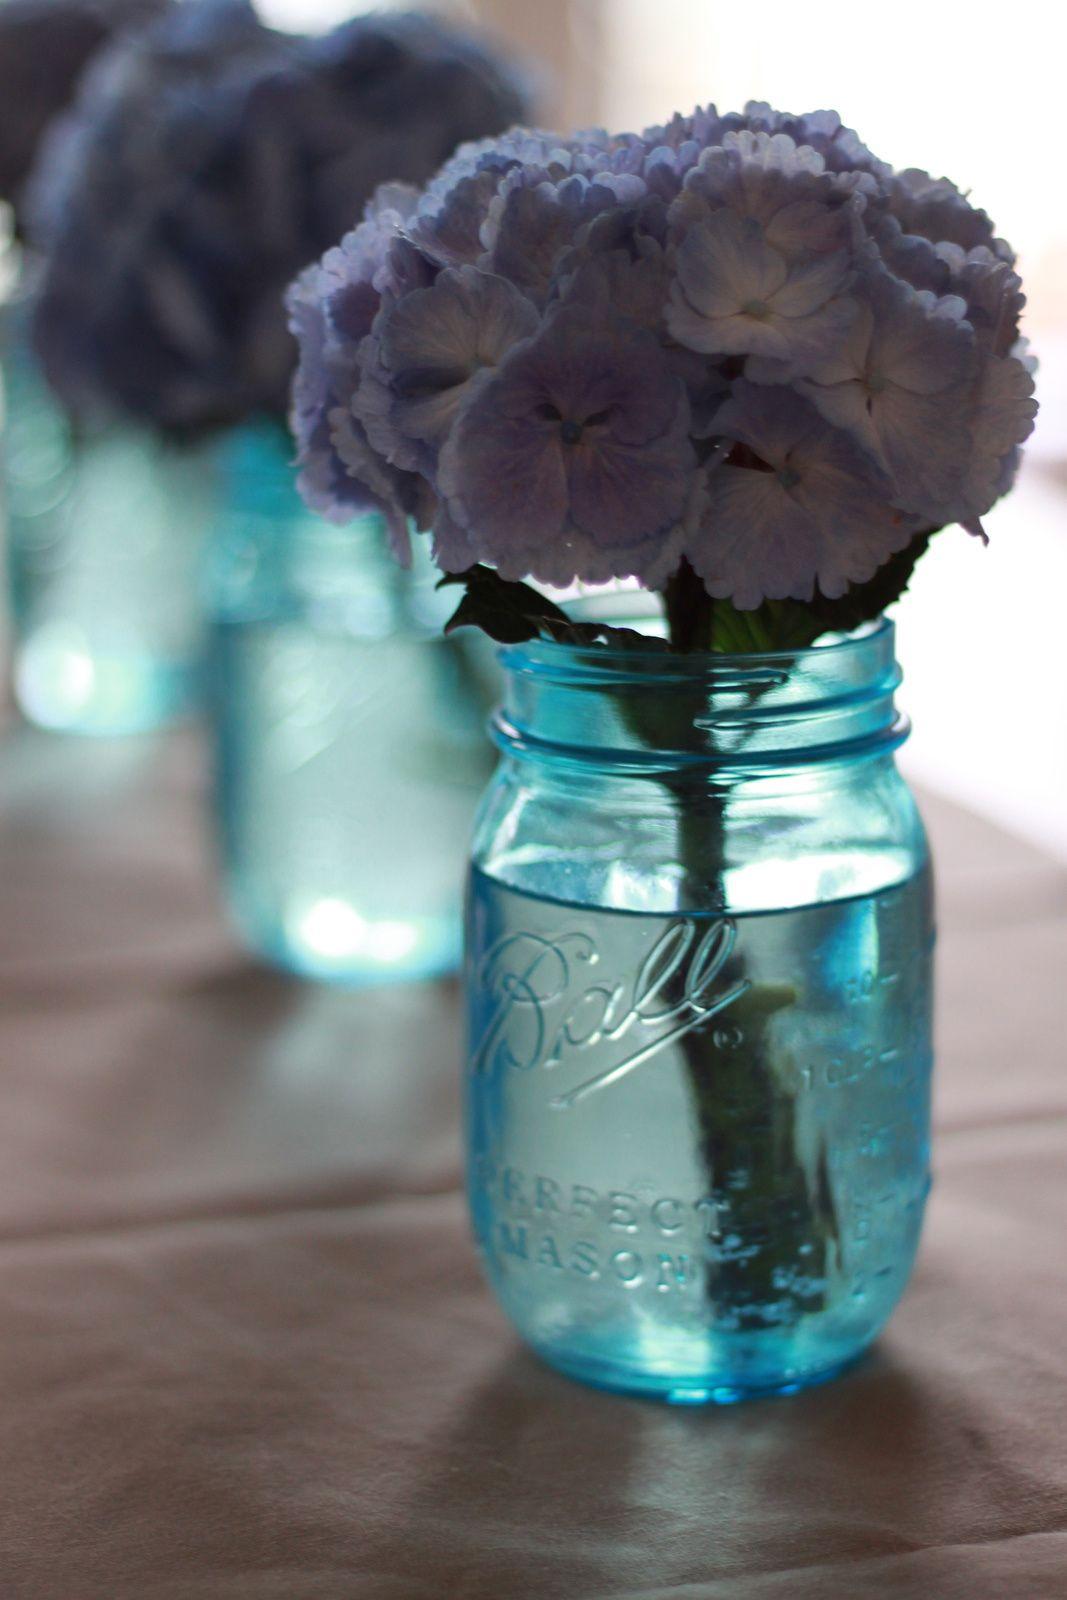 Un vase trop joli, ou contenant de bonbons...on peut s'amuser aussi à détourner...comme photophores